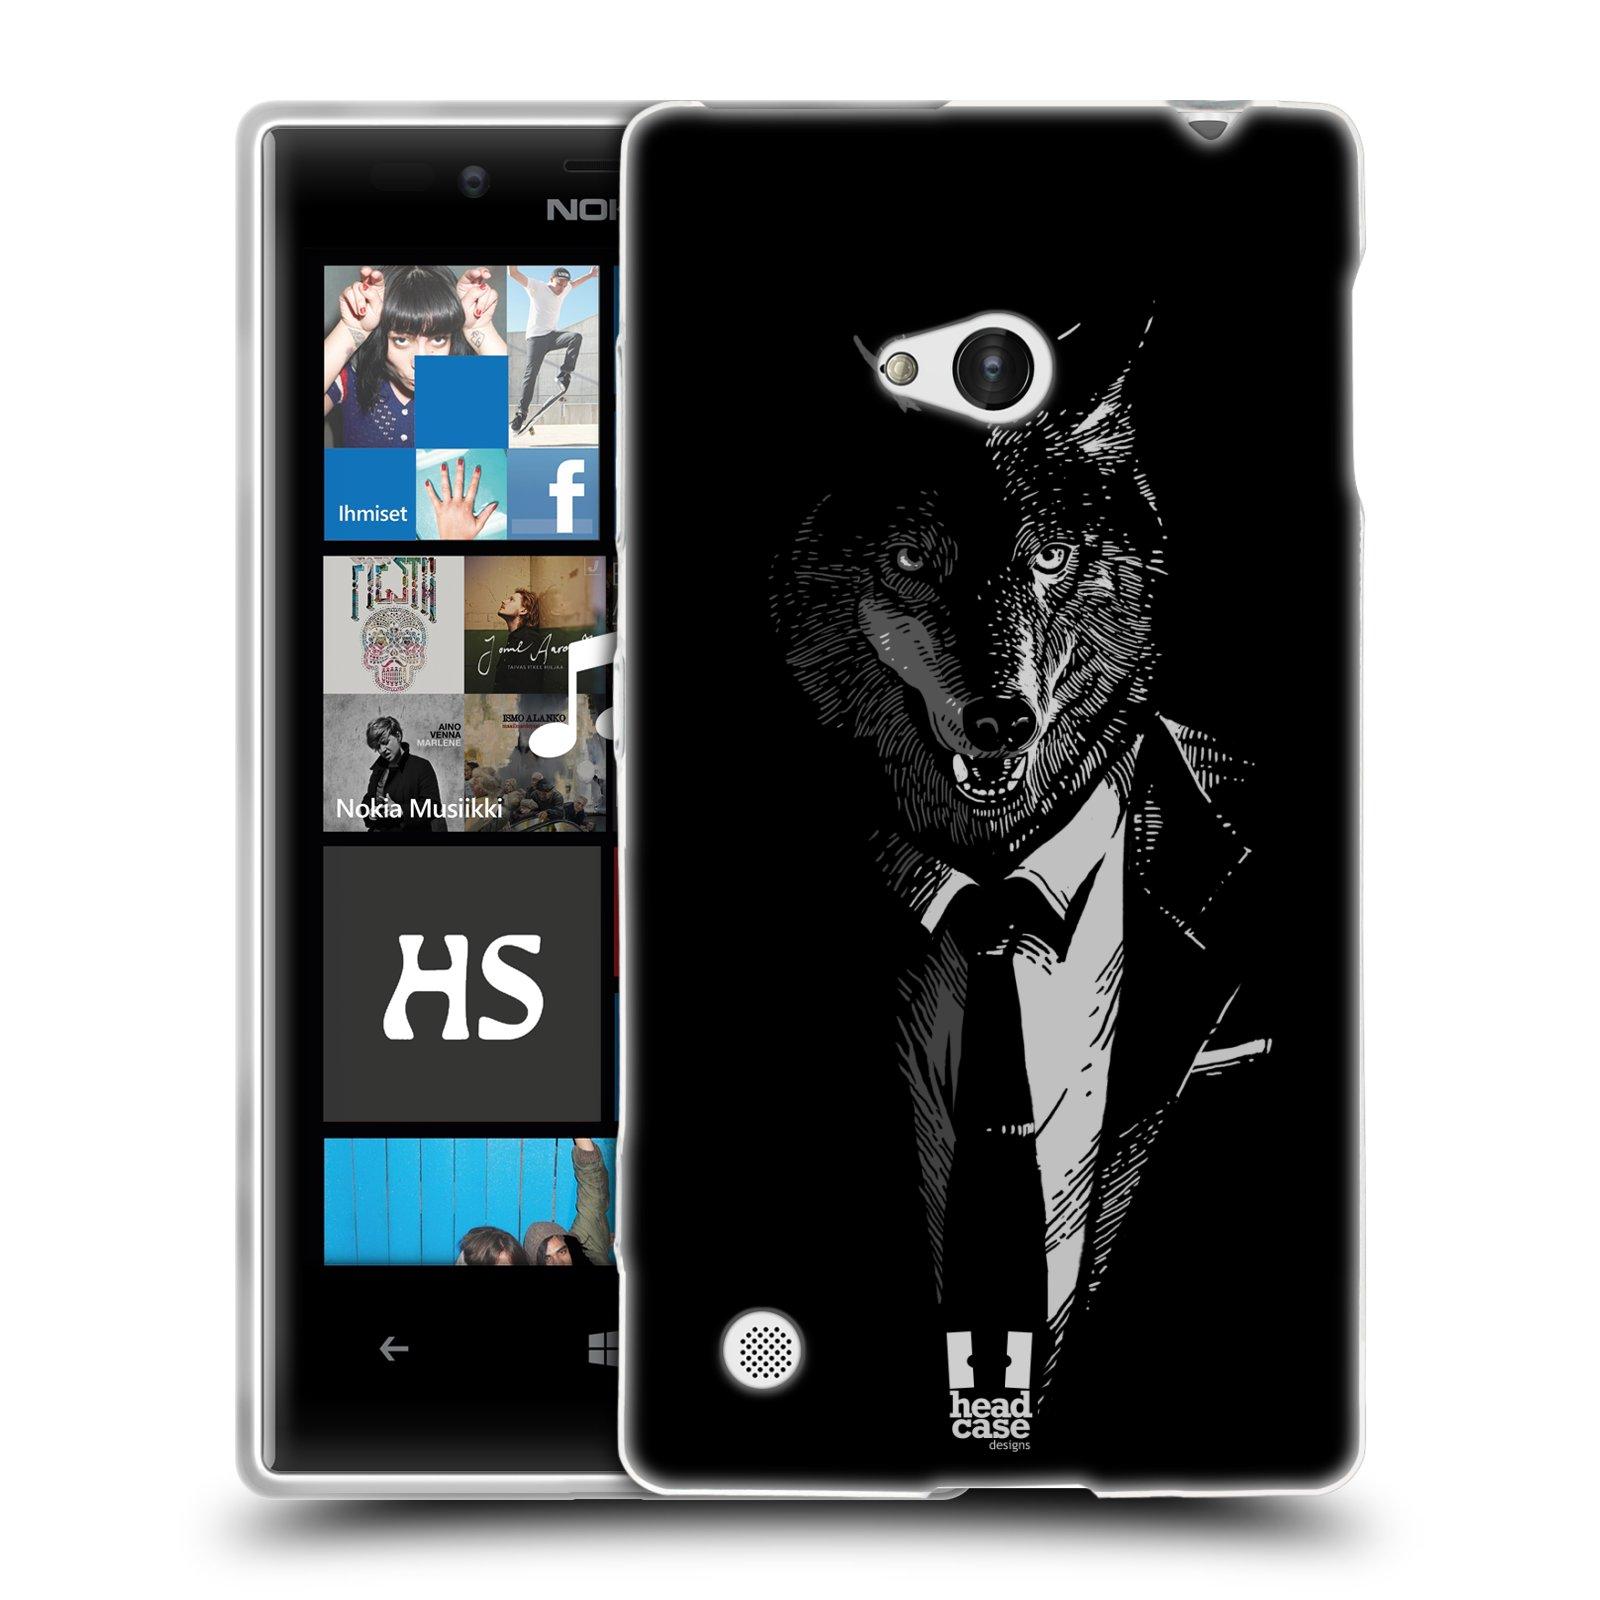 HEAD CASE silikonový obal na mobil NOKIA Lumia 720 vzor Zvíře v obleku vlk